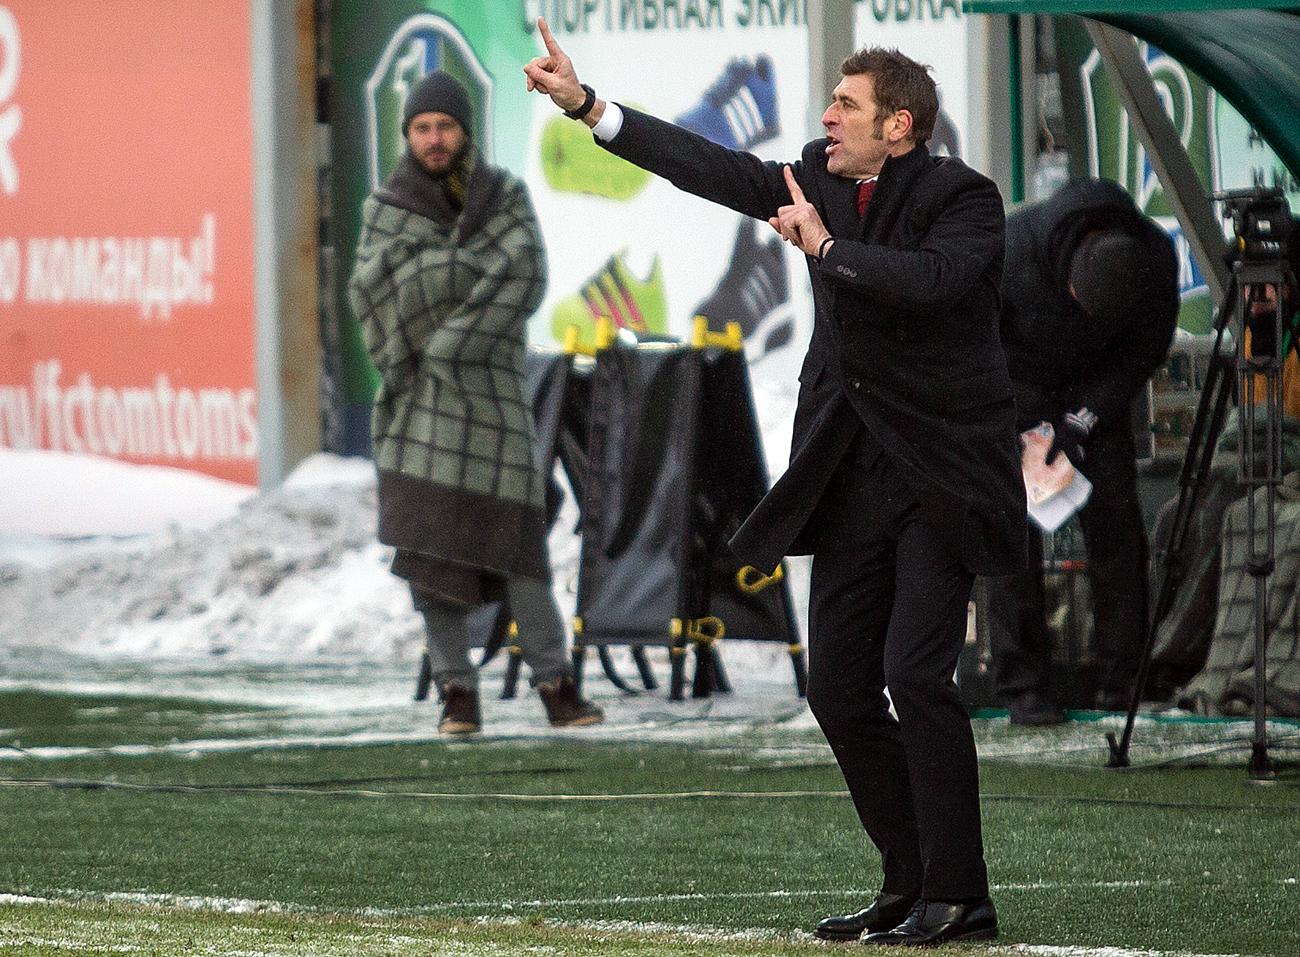 Técnico italiano do Spartak não se intimidou com frio em Tomsk Foto: Aliona Kardach/RIA Nôvosti